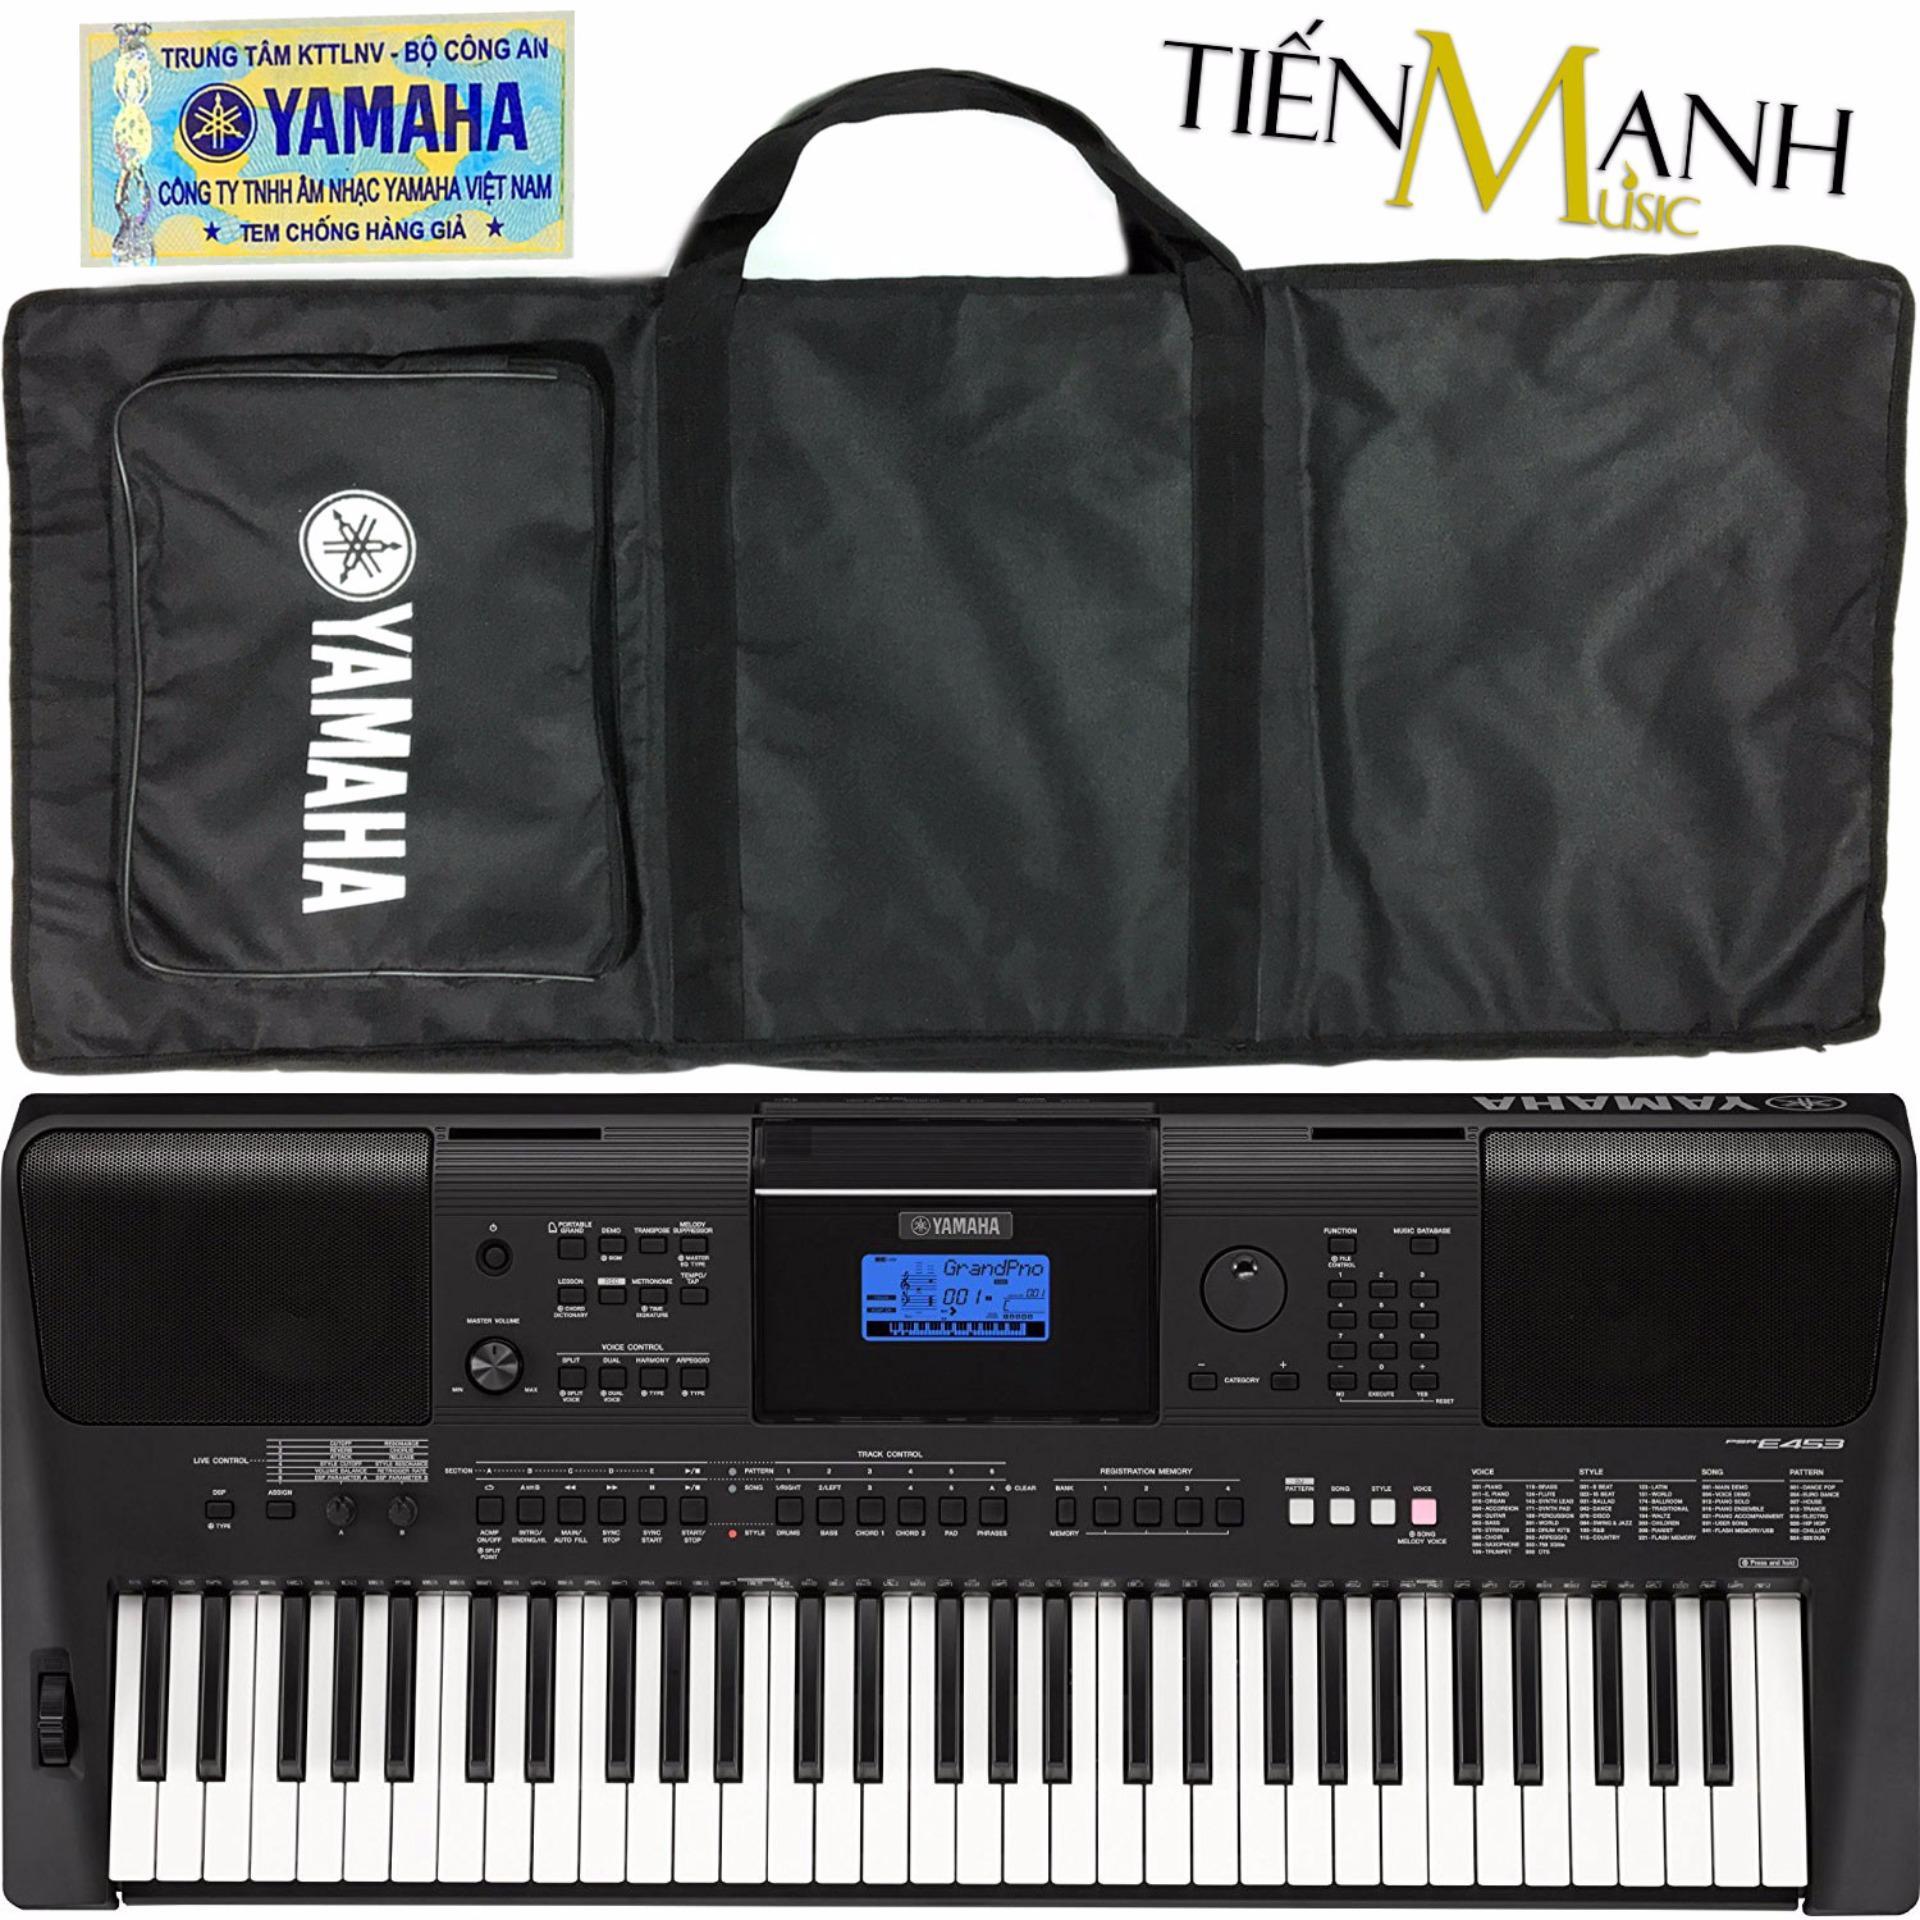 Shop Bn N Organ Yamaha Psr E453 Hng Phn Phi Chnh Thc Keyboard